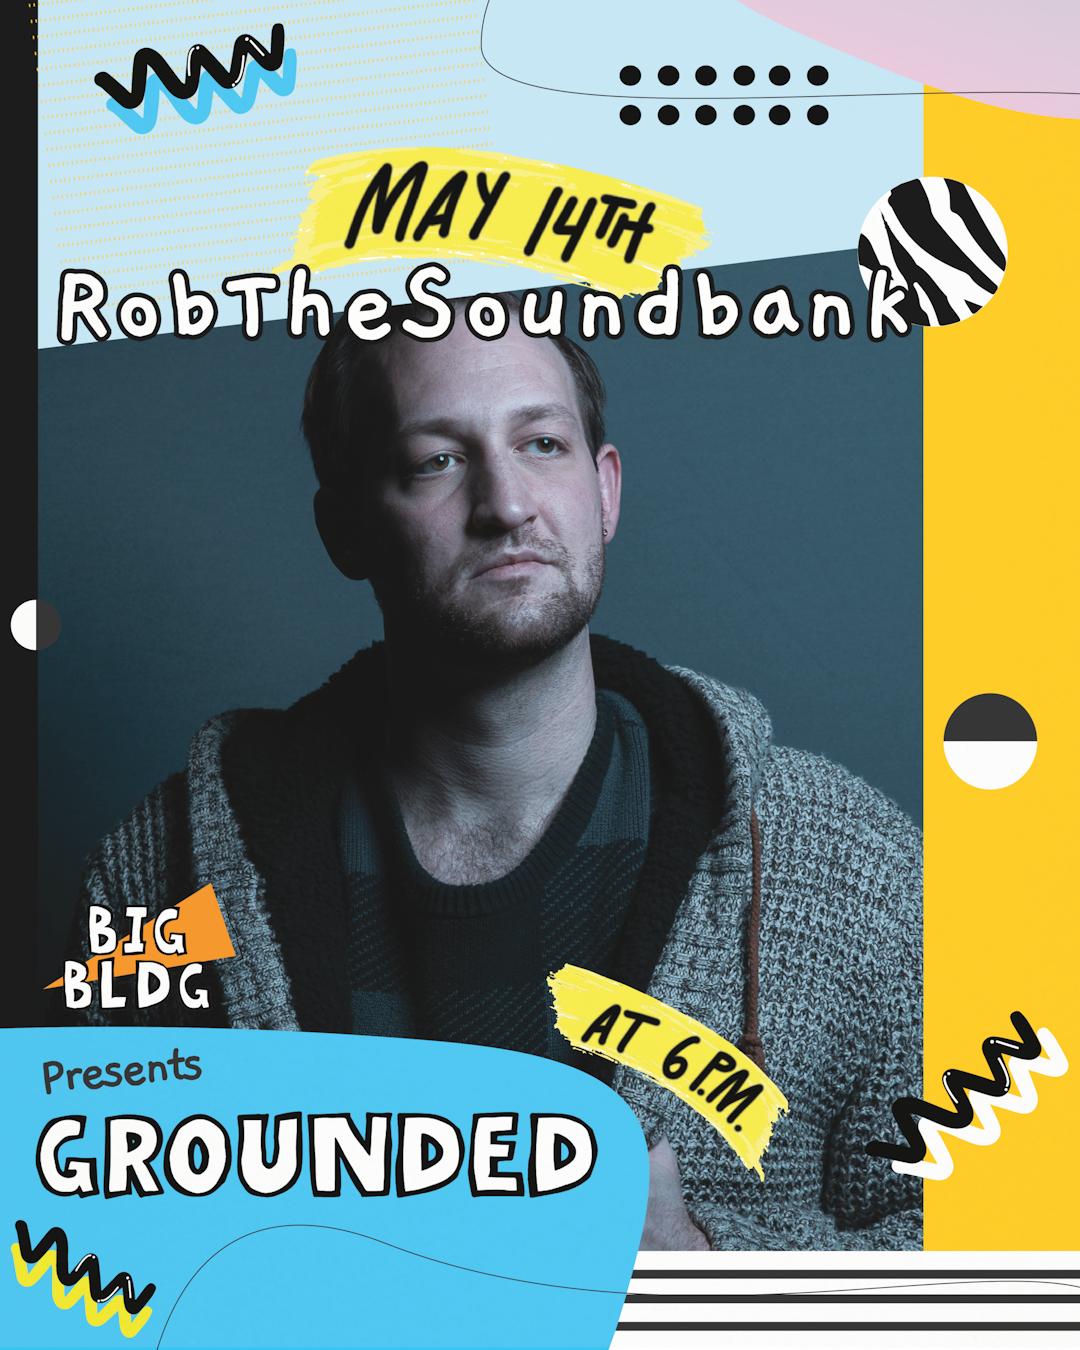 RobTheSoundBank